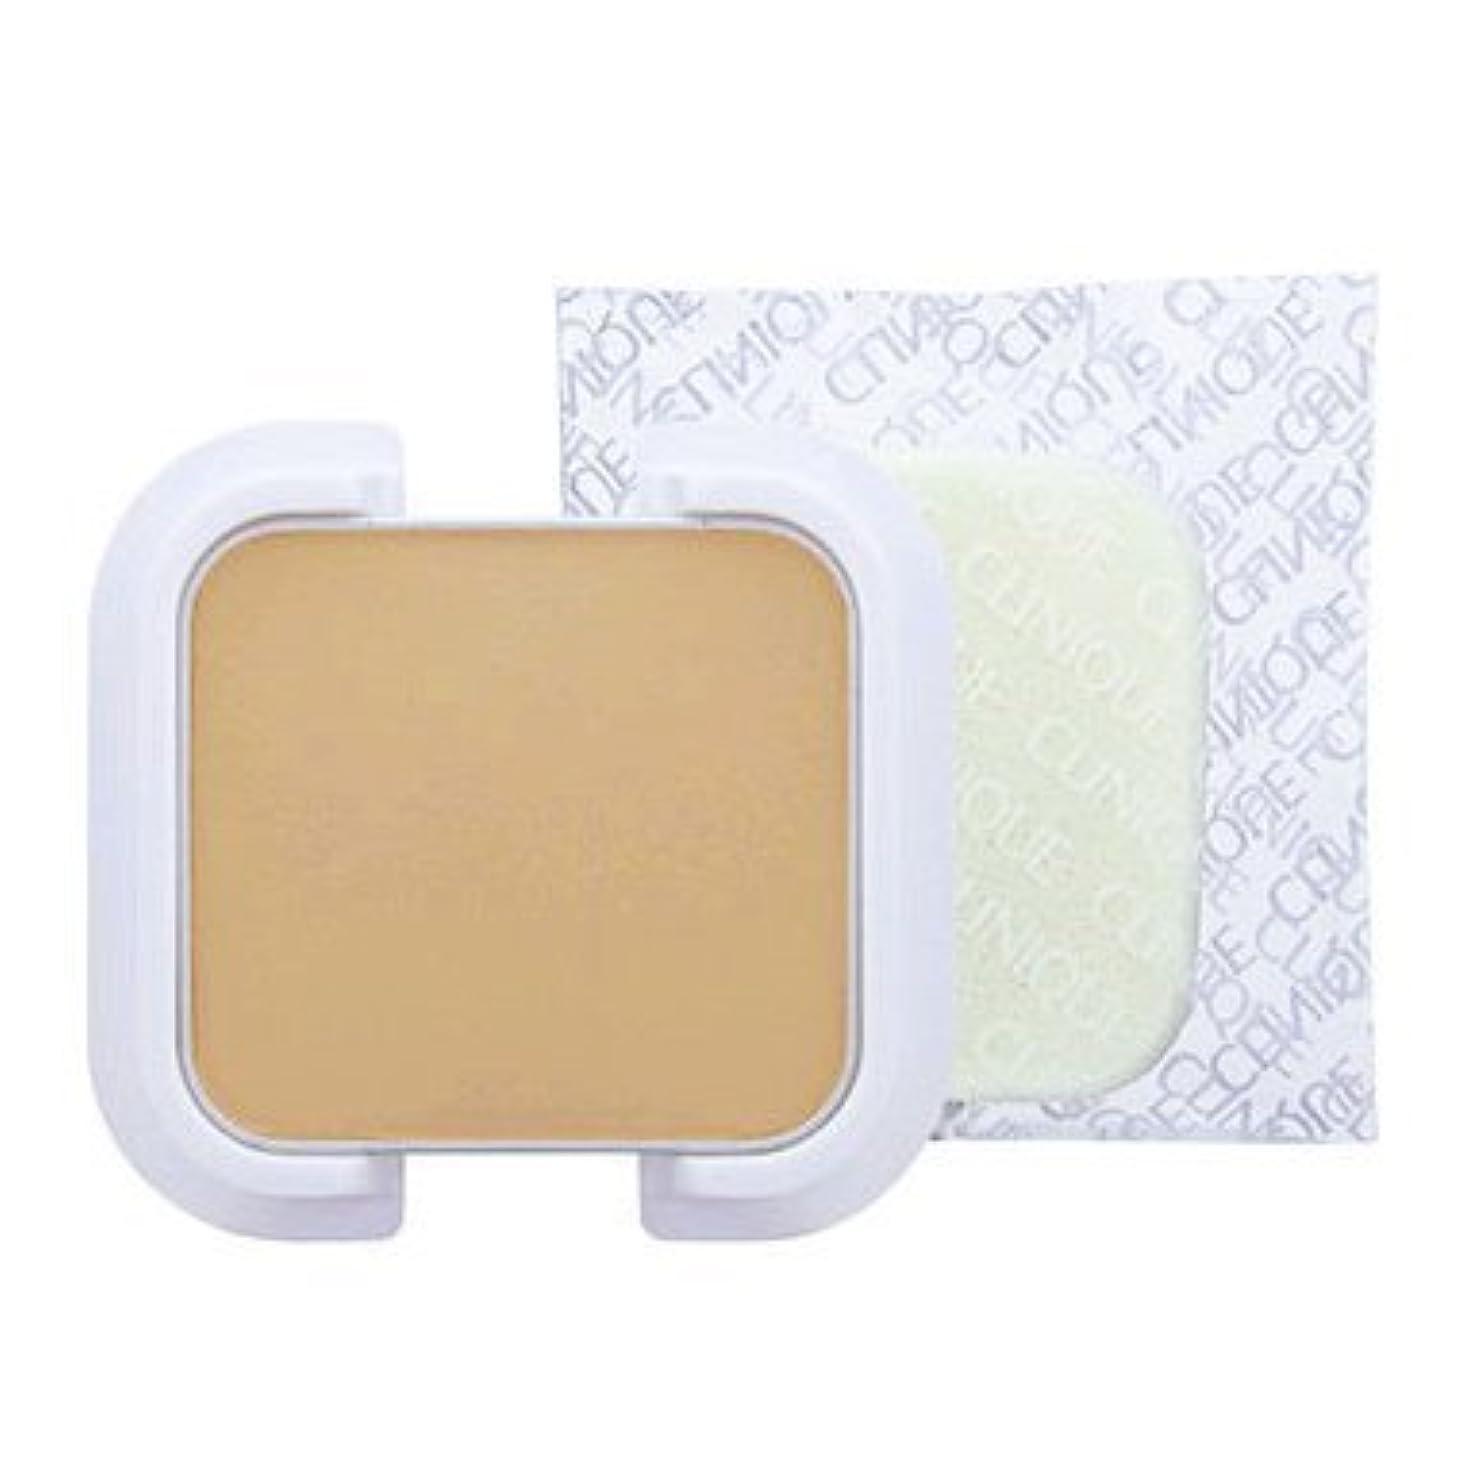 番号ぴったり背の高いCLINIQUE クリニーク イーブン ベター パウダー メークアップ ウォーター ヴェール 27 (リフィル) #64 cream beige SPF27/PA+++ 10g [並行輸入品]